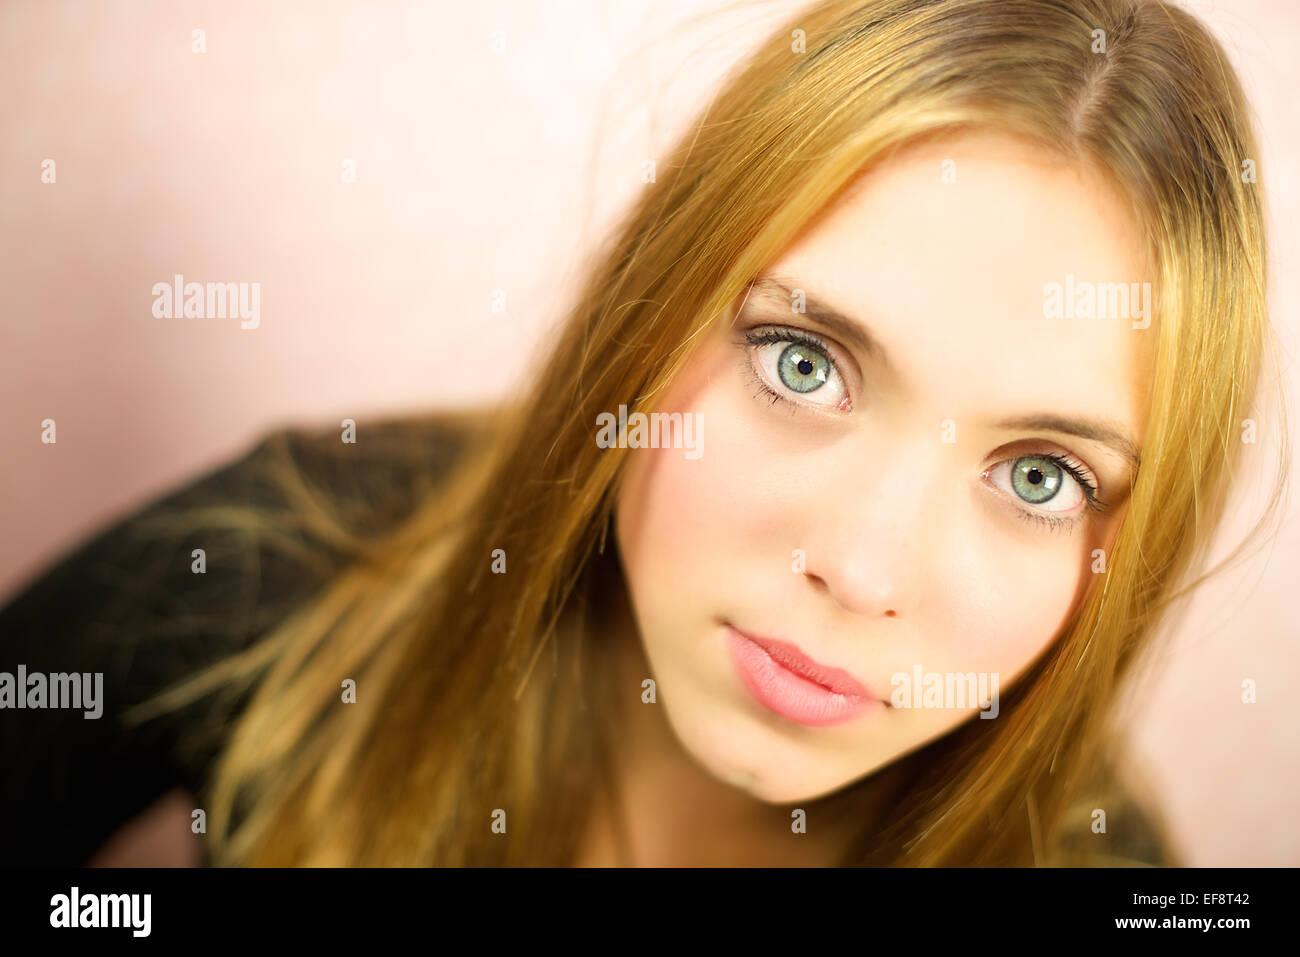 Ritratto di ragazza (12-13) su sfondo beige Immagini Stock